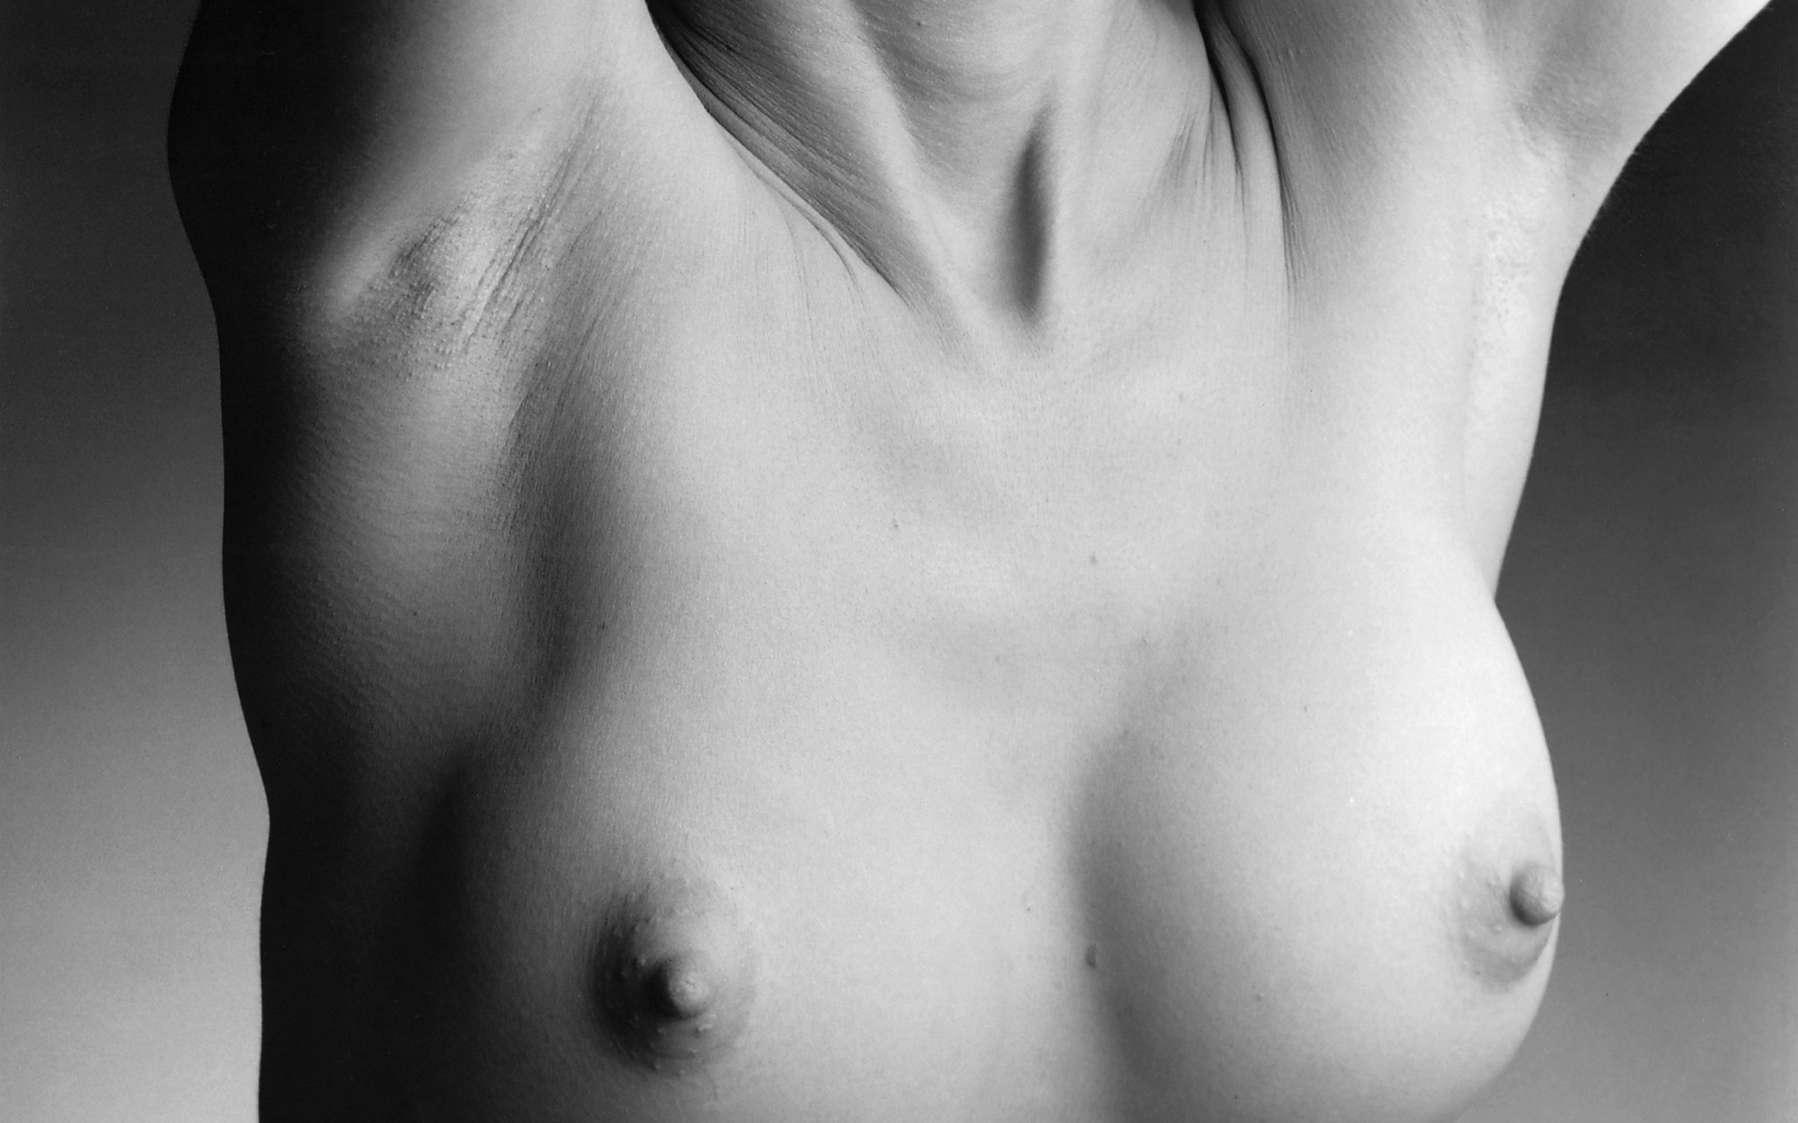 Environ 340.000 femmes seraient porteuses d'implants mammaires en France. Elles doivent surveiller leur état de santé régulièrement et changer d'implant tous les dix ans. © National Cancer Institute, Wikimedia Commons, DP